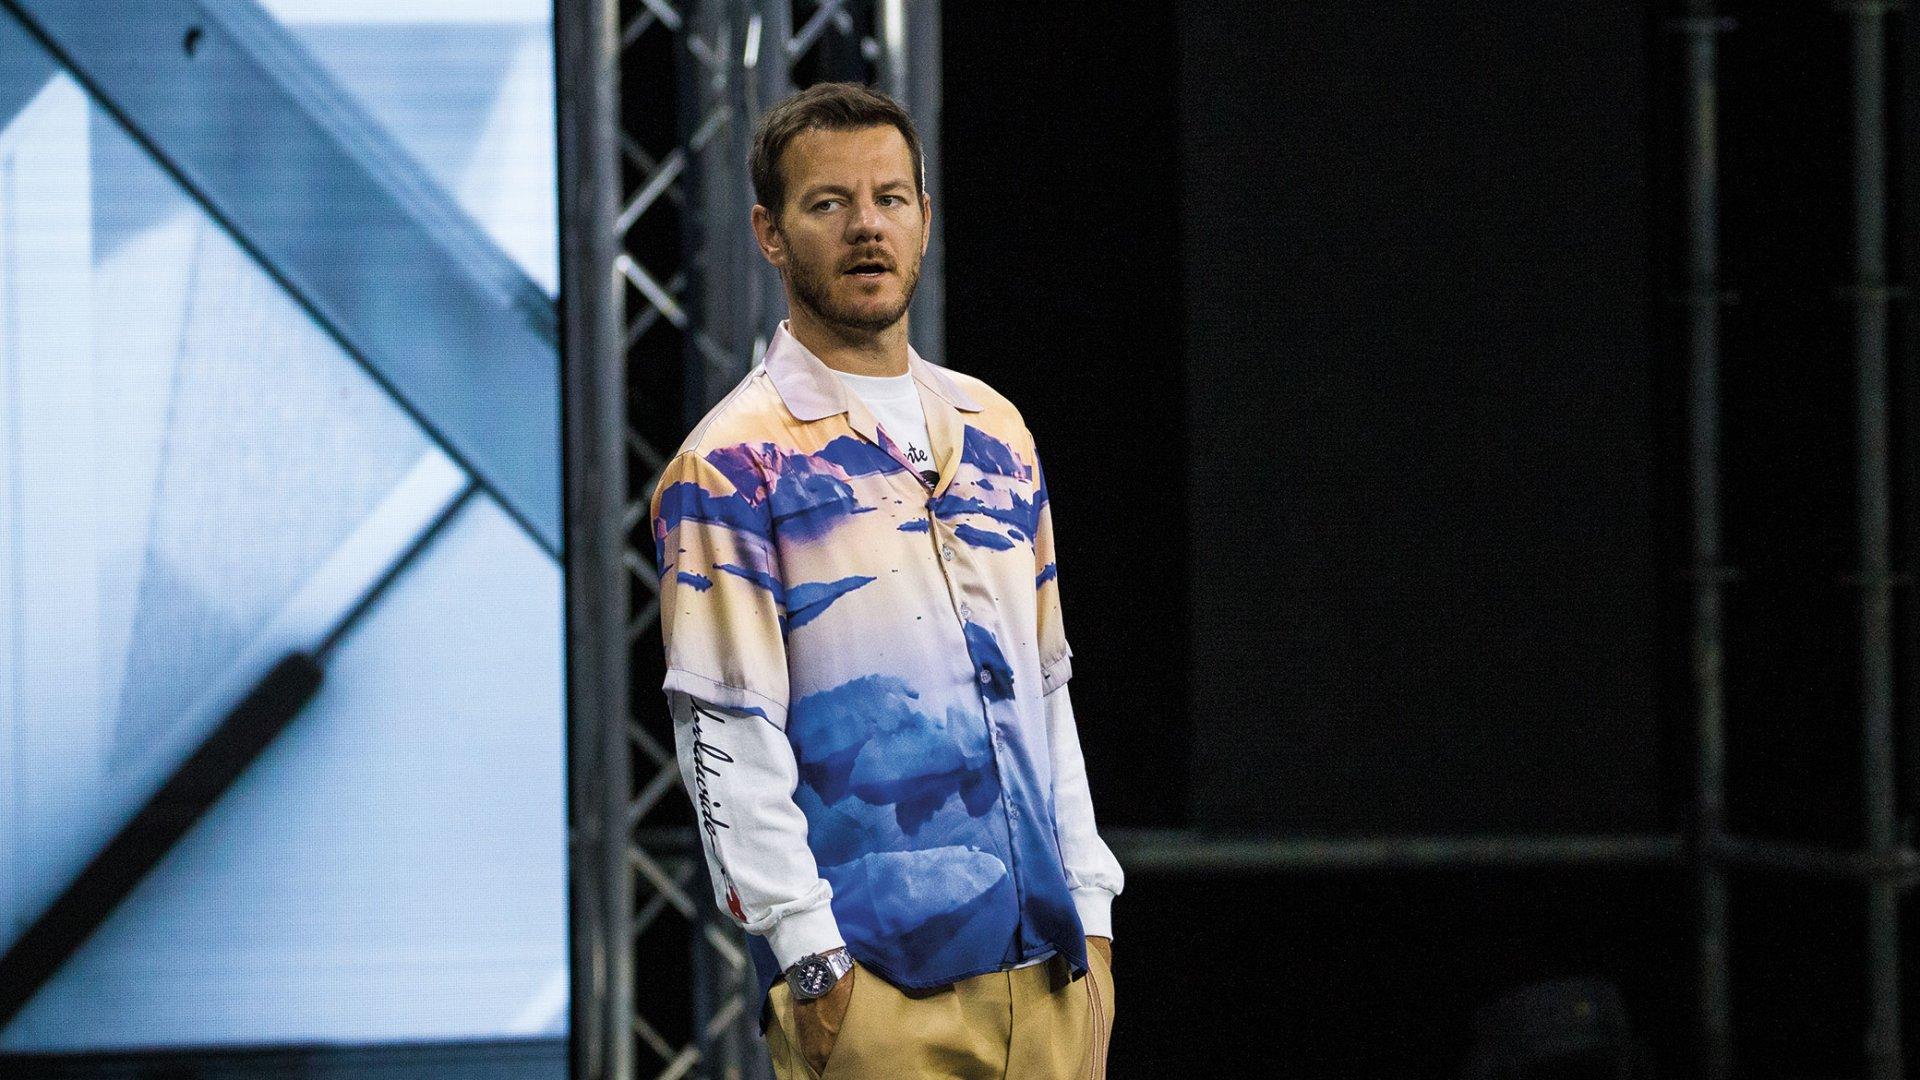 X Factor 2020 - Stasera Audizioni #2 su Sky Uno e NOW TV (venerdì su TV8)